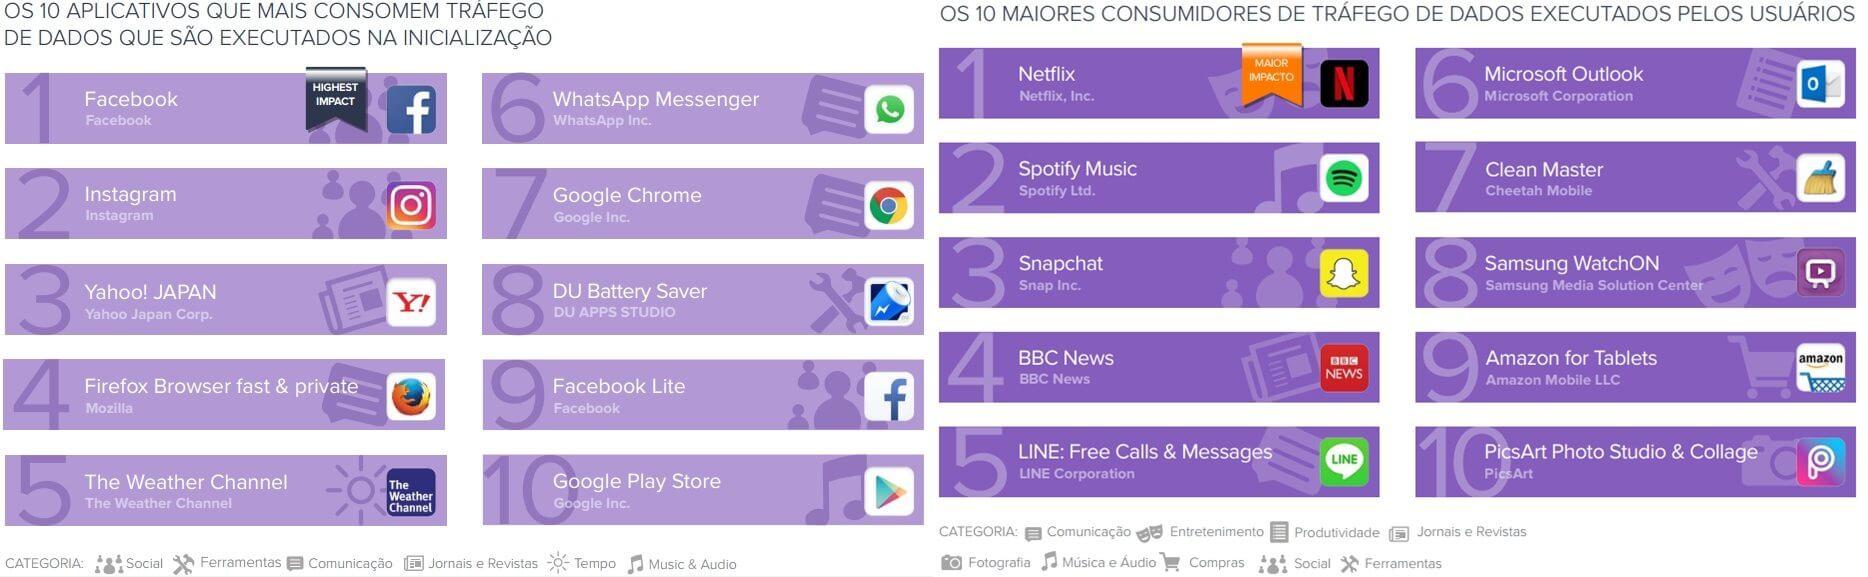 Estes são os apps que mais drenam a sua bateria, desempenho, armazenamento e internet